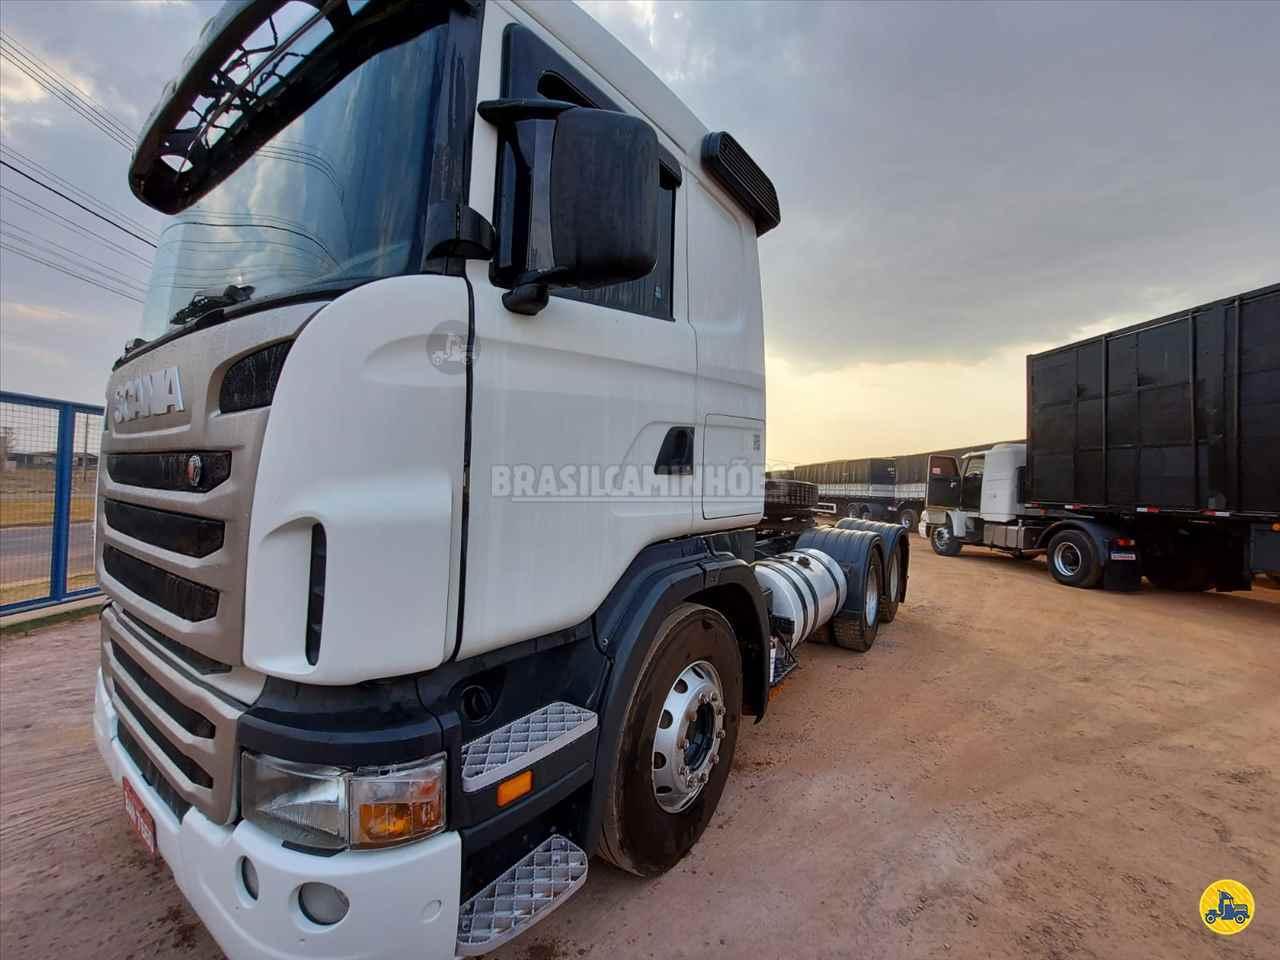 CAMINHAO SCANIA SCANIA 420 Cavalo Mecânico Traçado 6x4 Brasil Caminhões Sinop SINOP MATO GROSSO MT